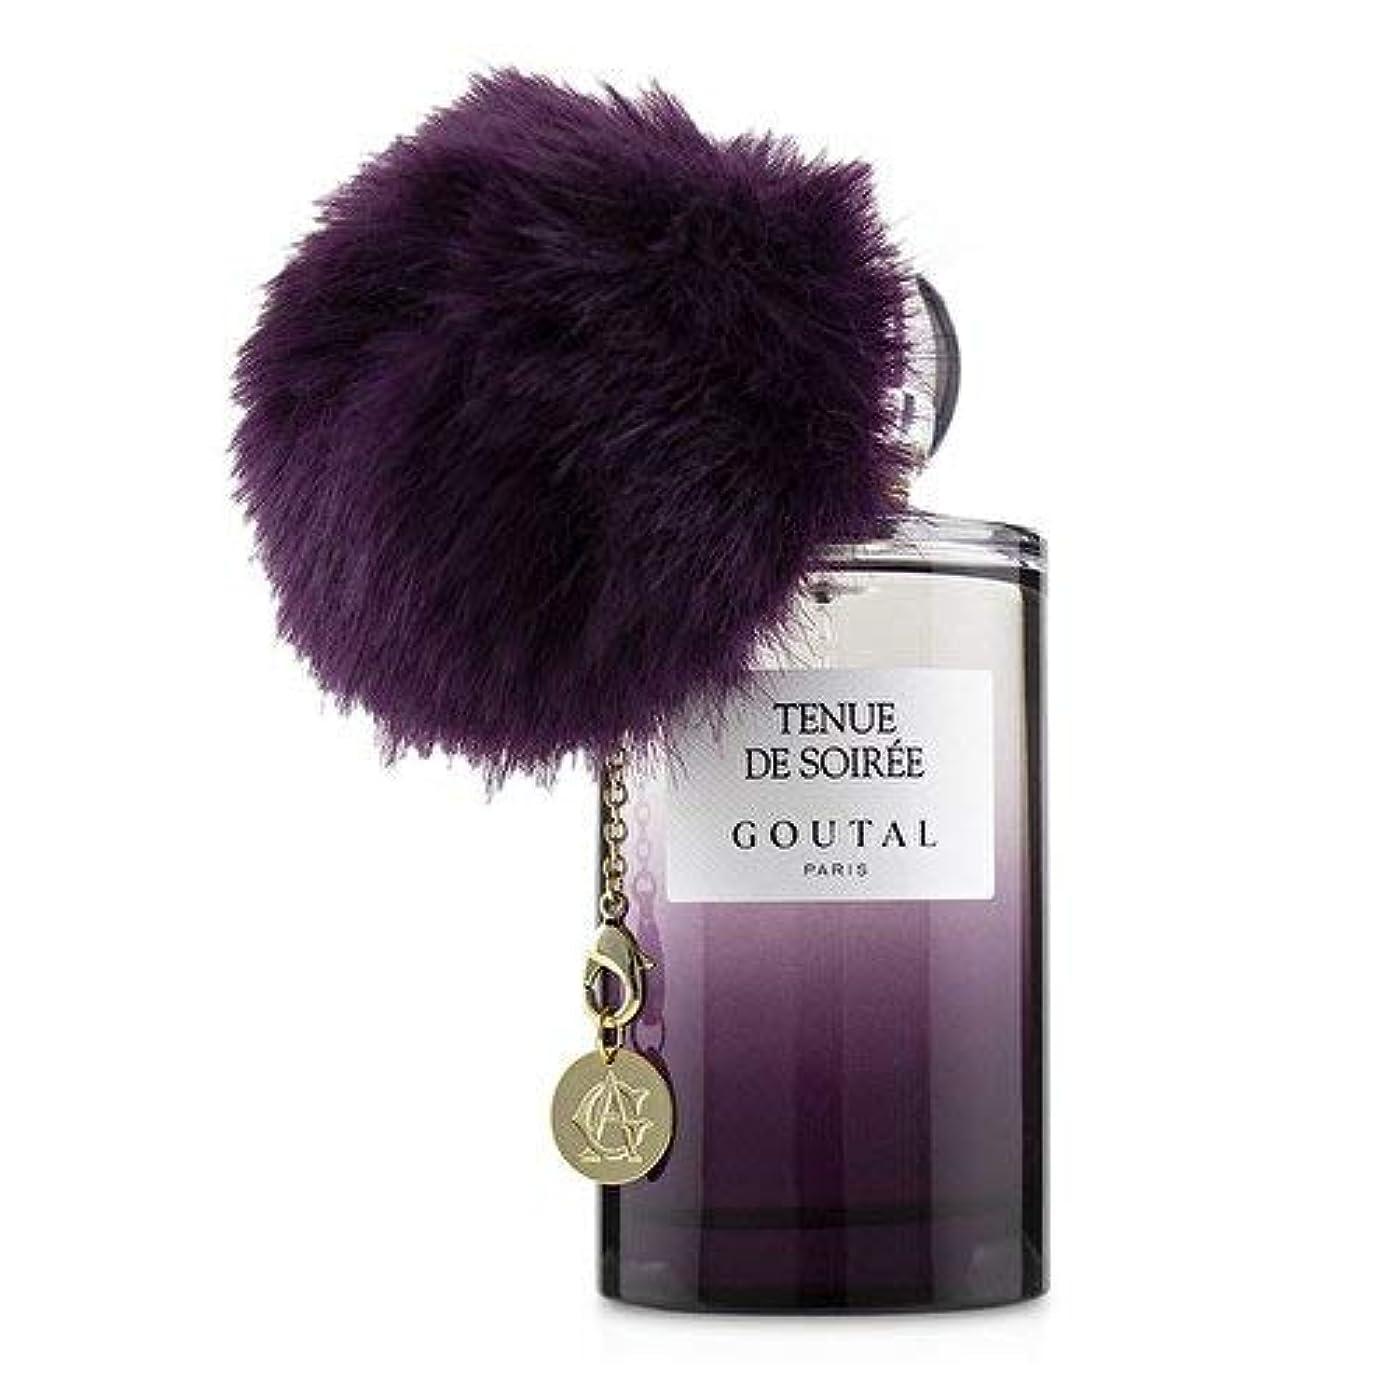 ブラウズ不快なパンサーGoutal (Annick Goutal) Tenue De Soiree Eau De Parfum Spray 100ml/3.4oz並行輸入品